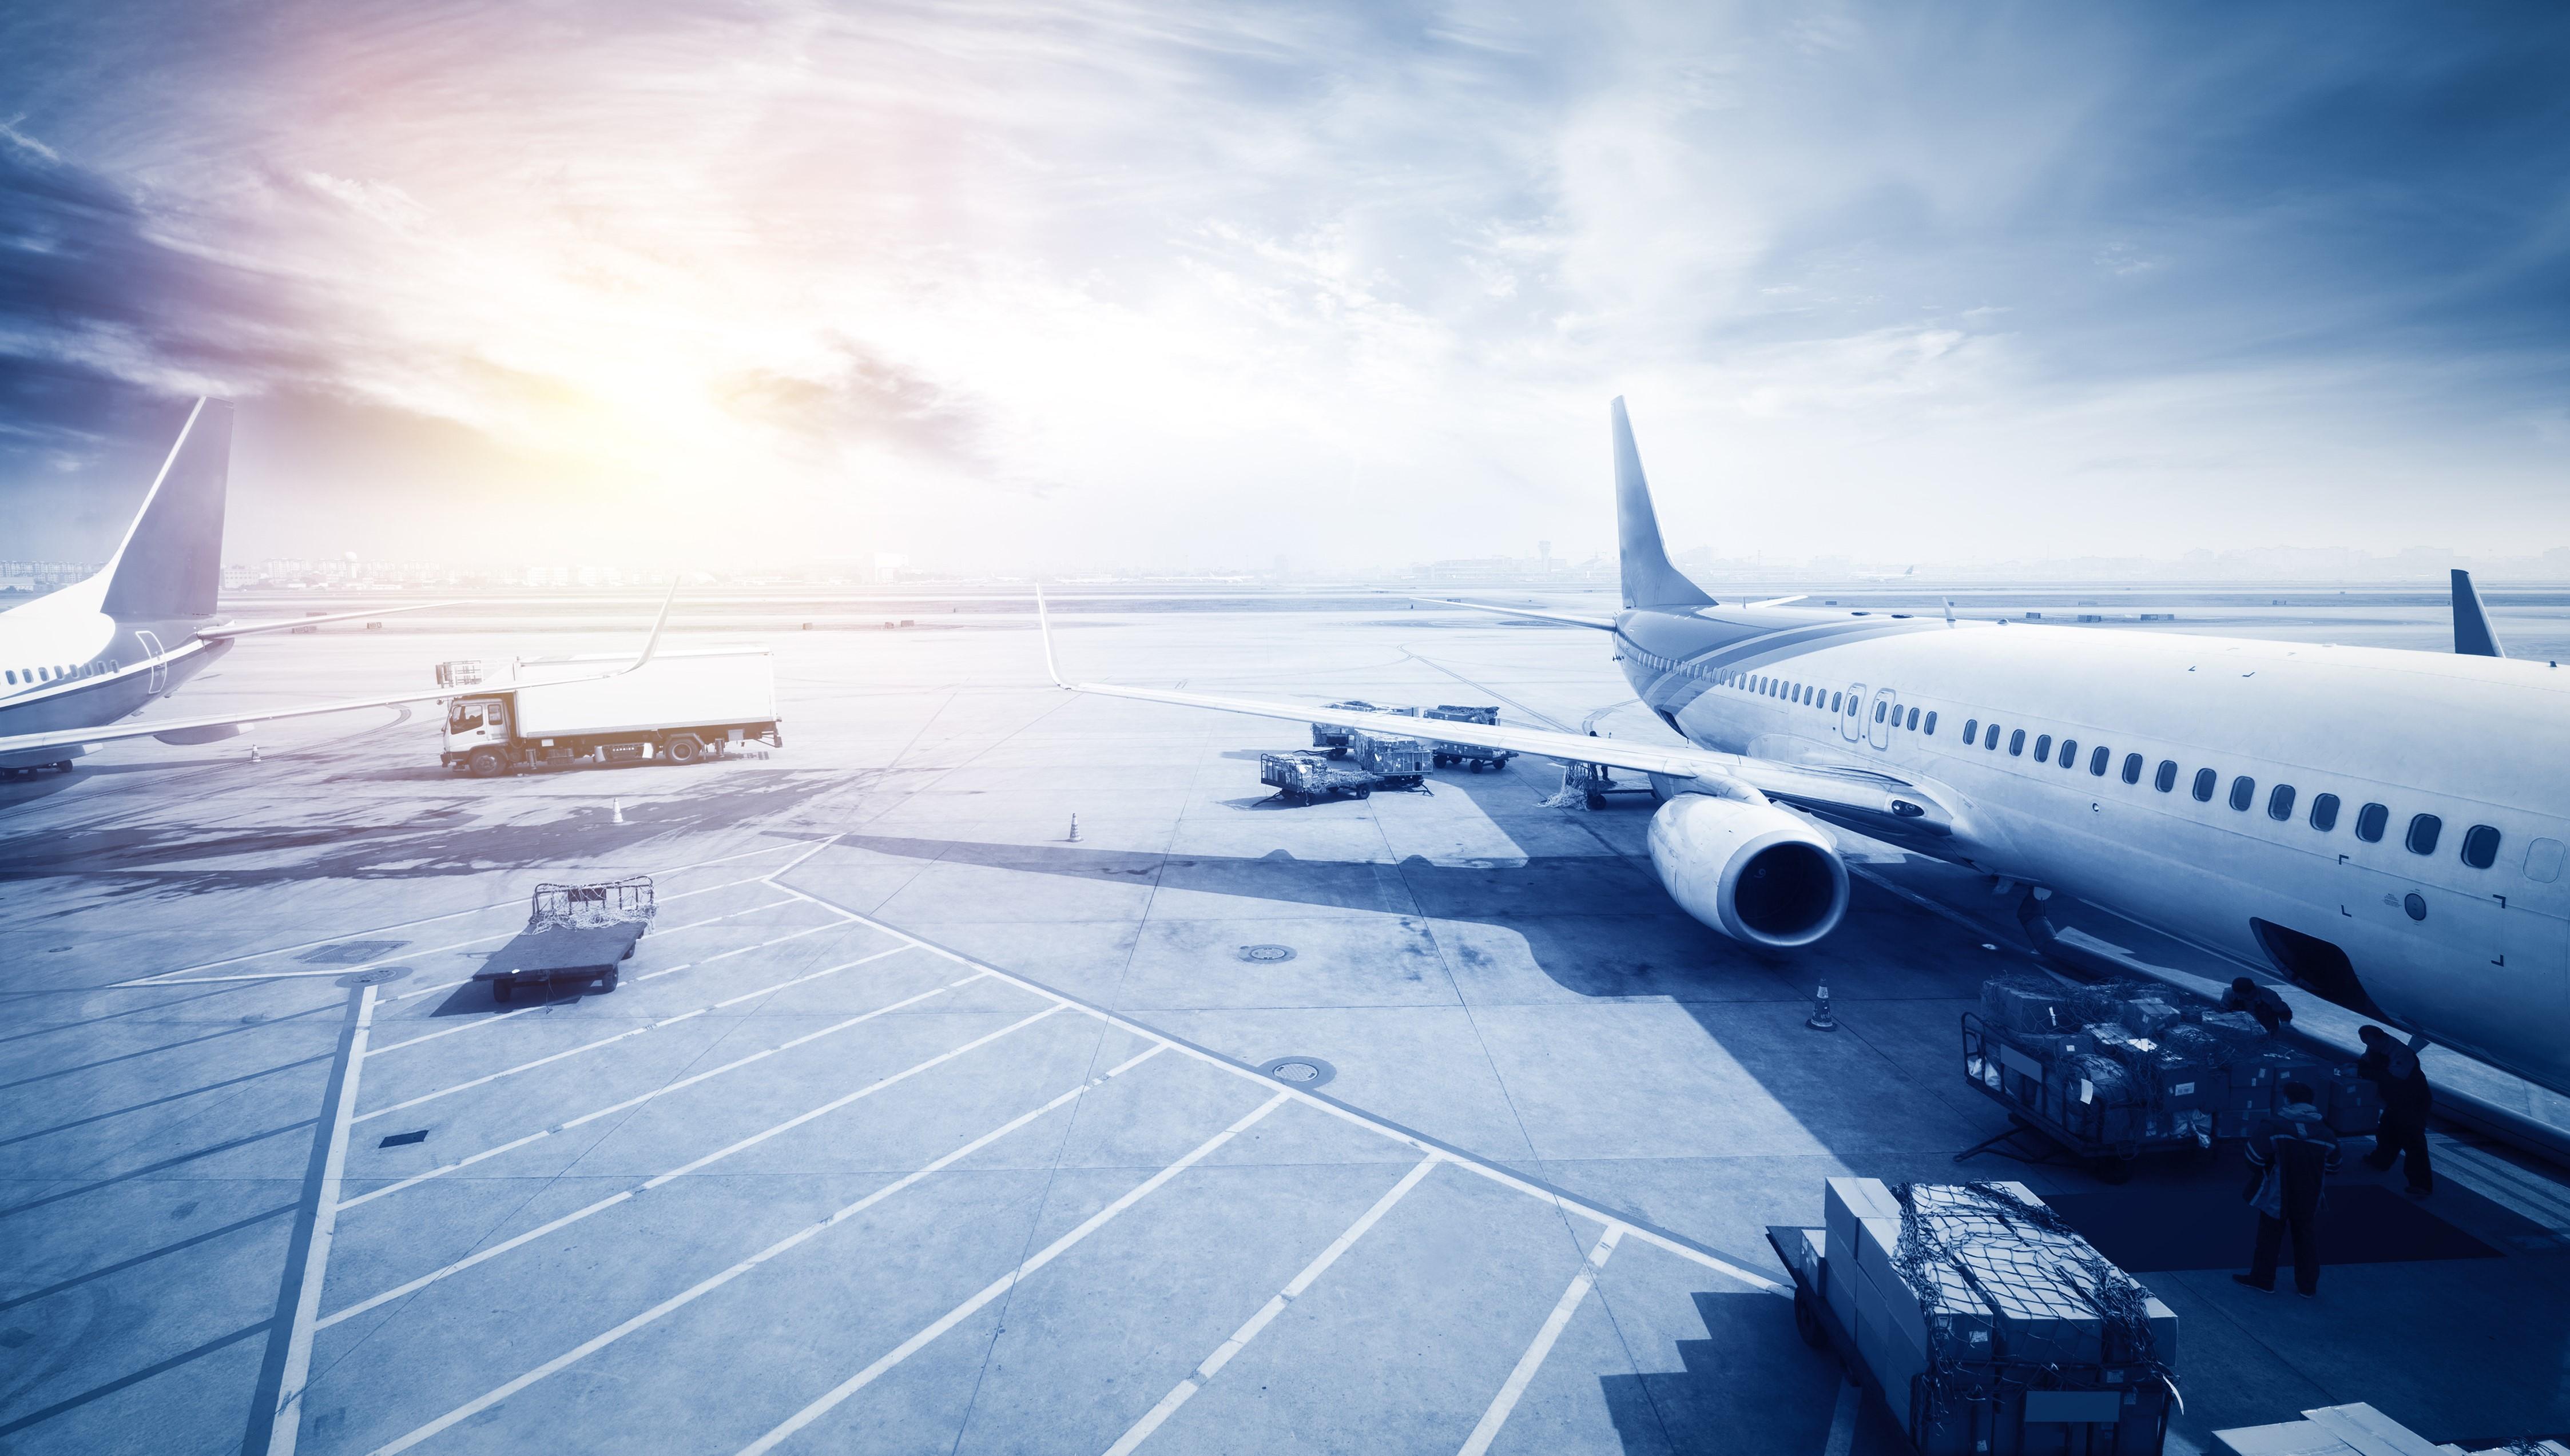 ¿Cómo son los sistemas modernos de alerta aeroportuaria?